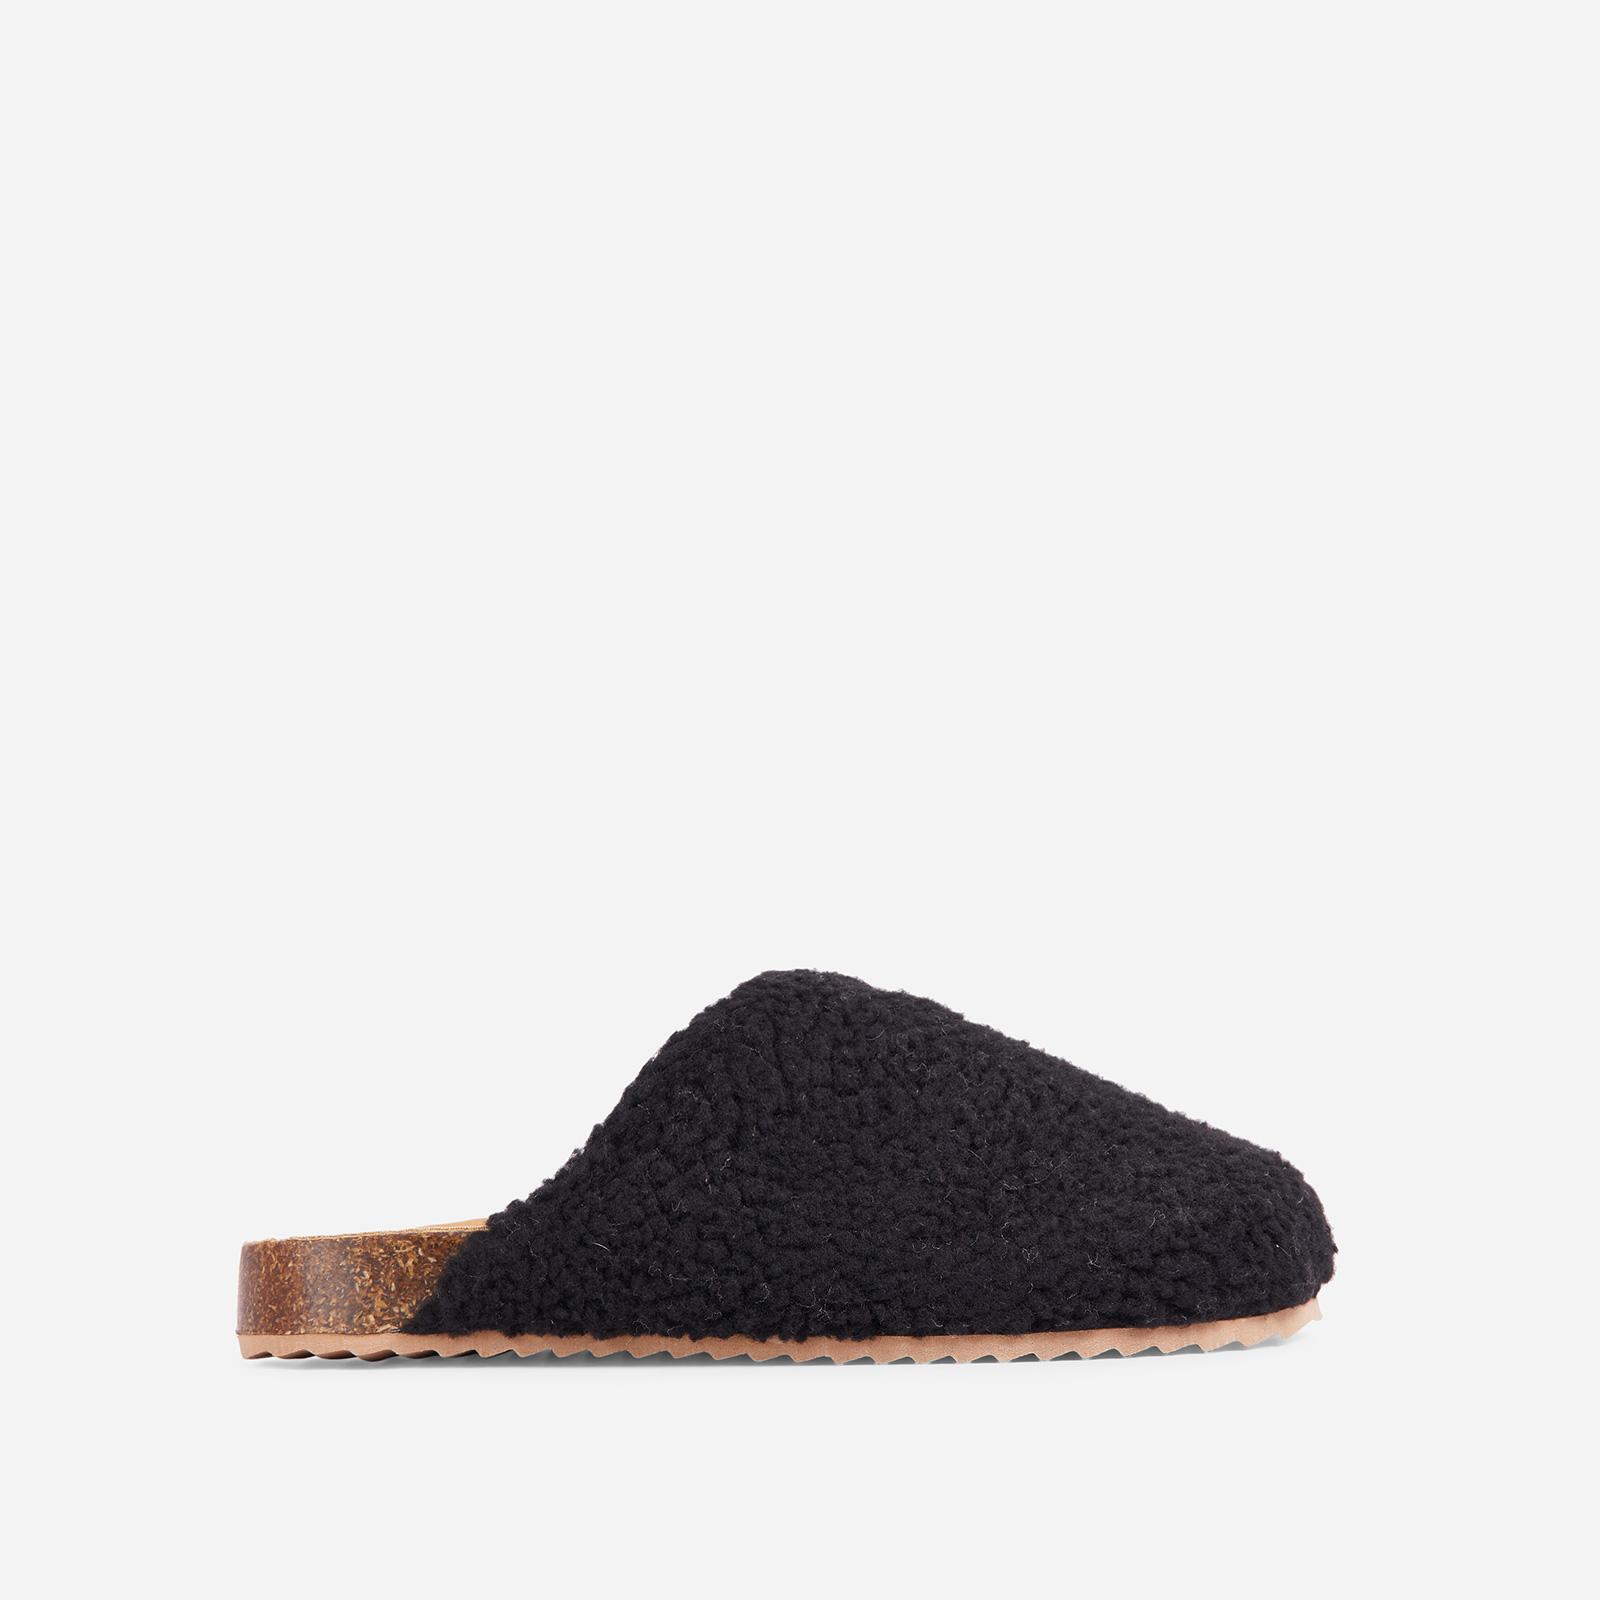 EGO Oozy Flat Mule In Black Faux Shearling, Black  - female - Size: 11